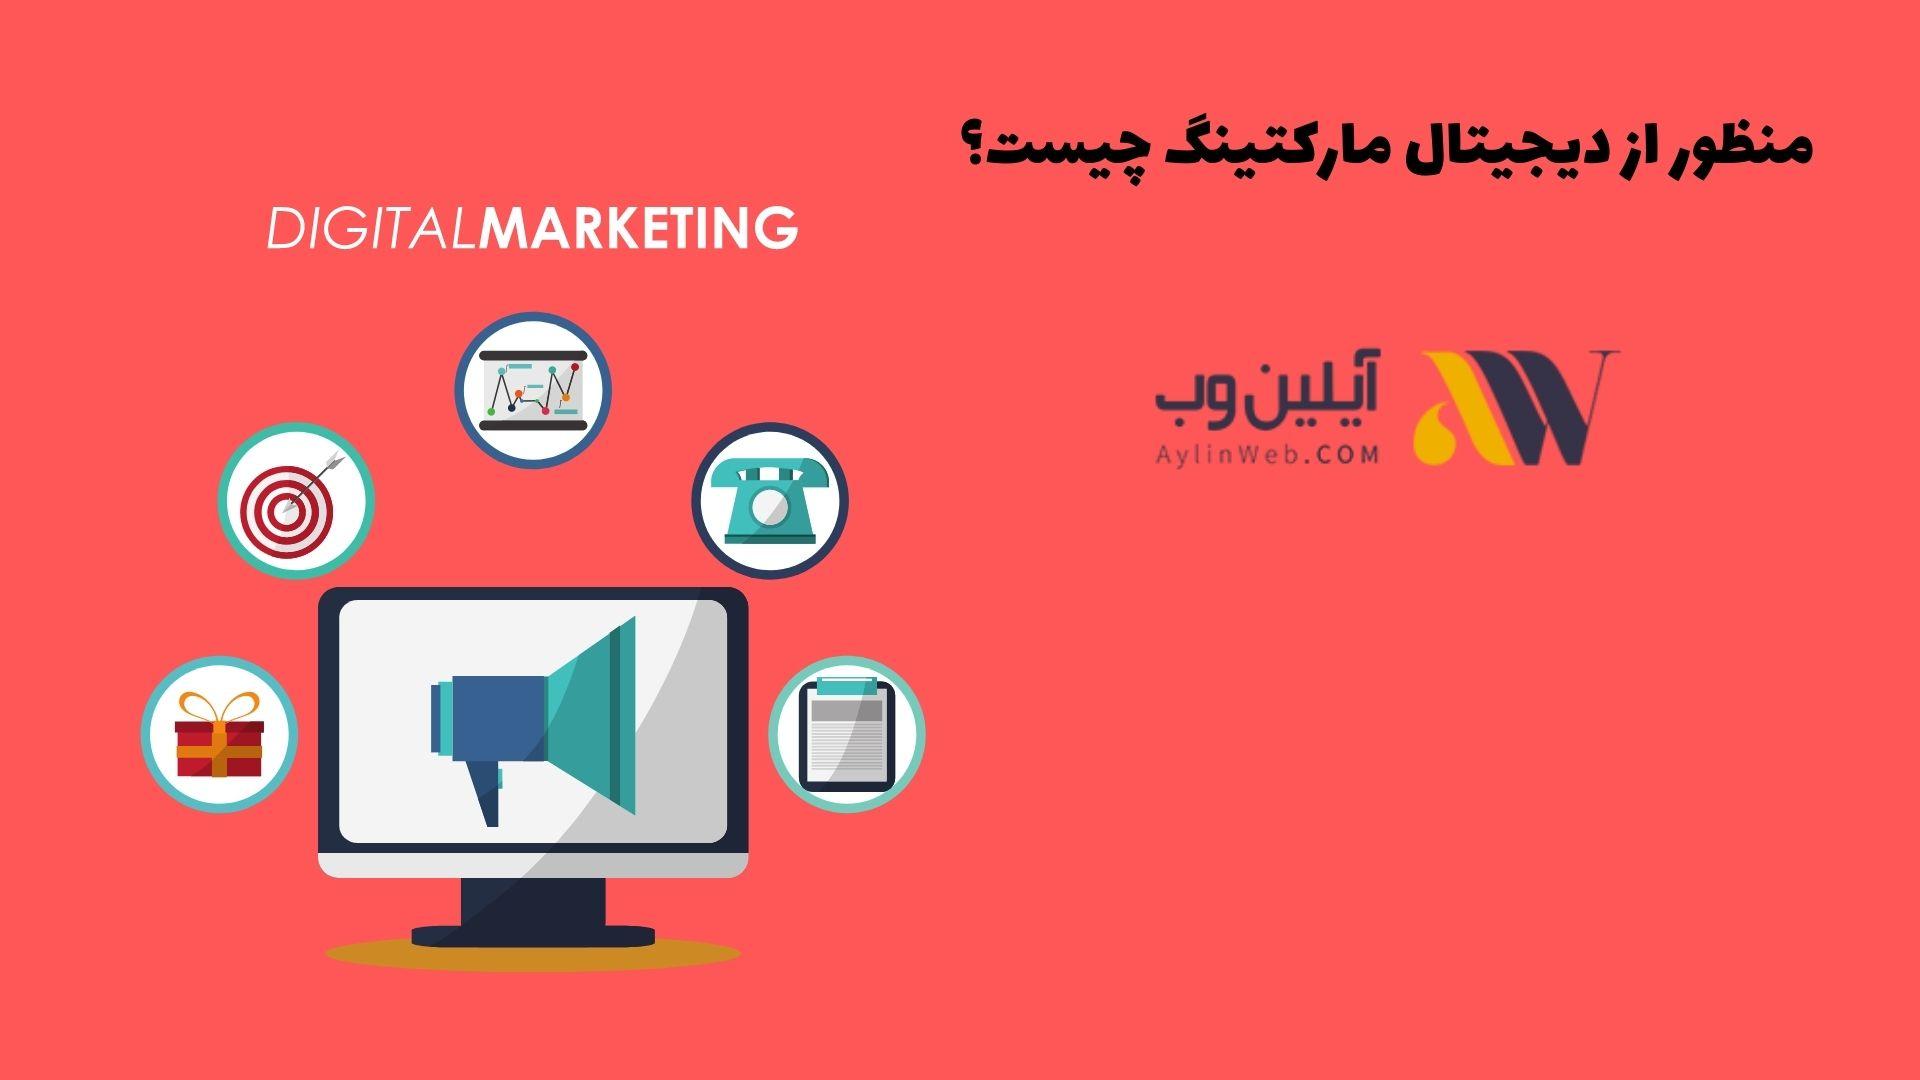 منظور از دیجیتال مارکتینگ چیست؟